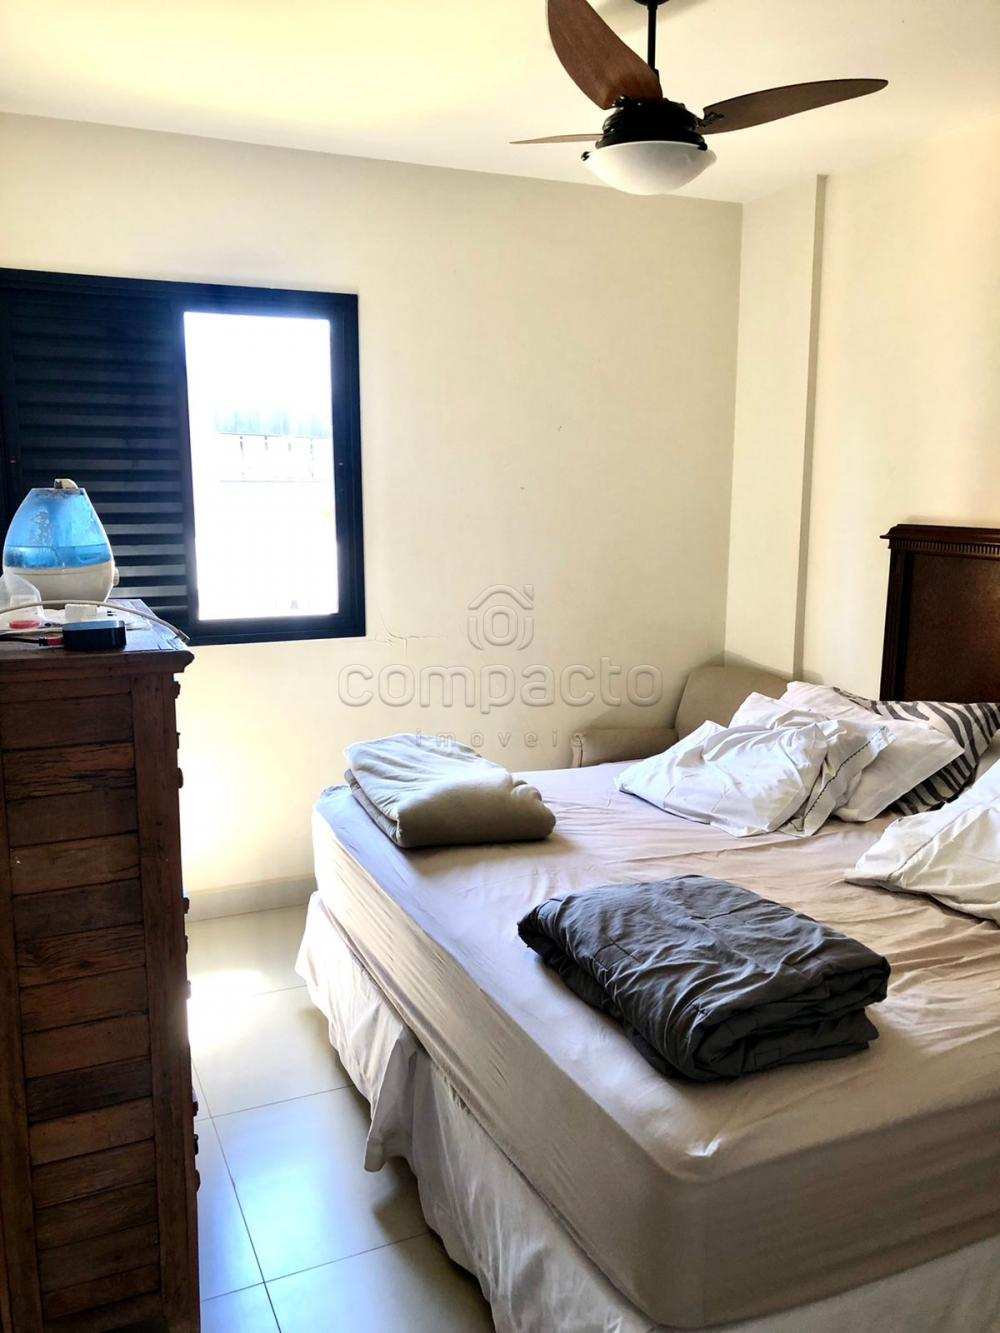 Comprar Apartamento / Padrão em São José do Rio Preto R$ 450.000,00 - Foto 10